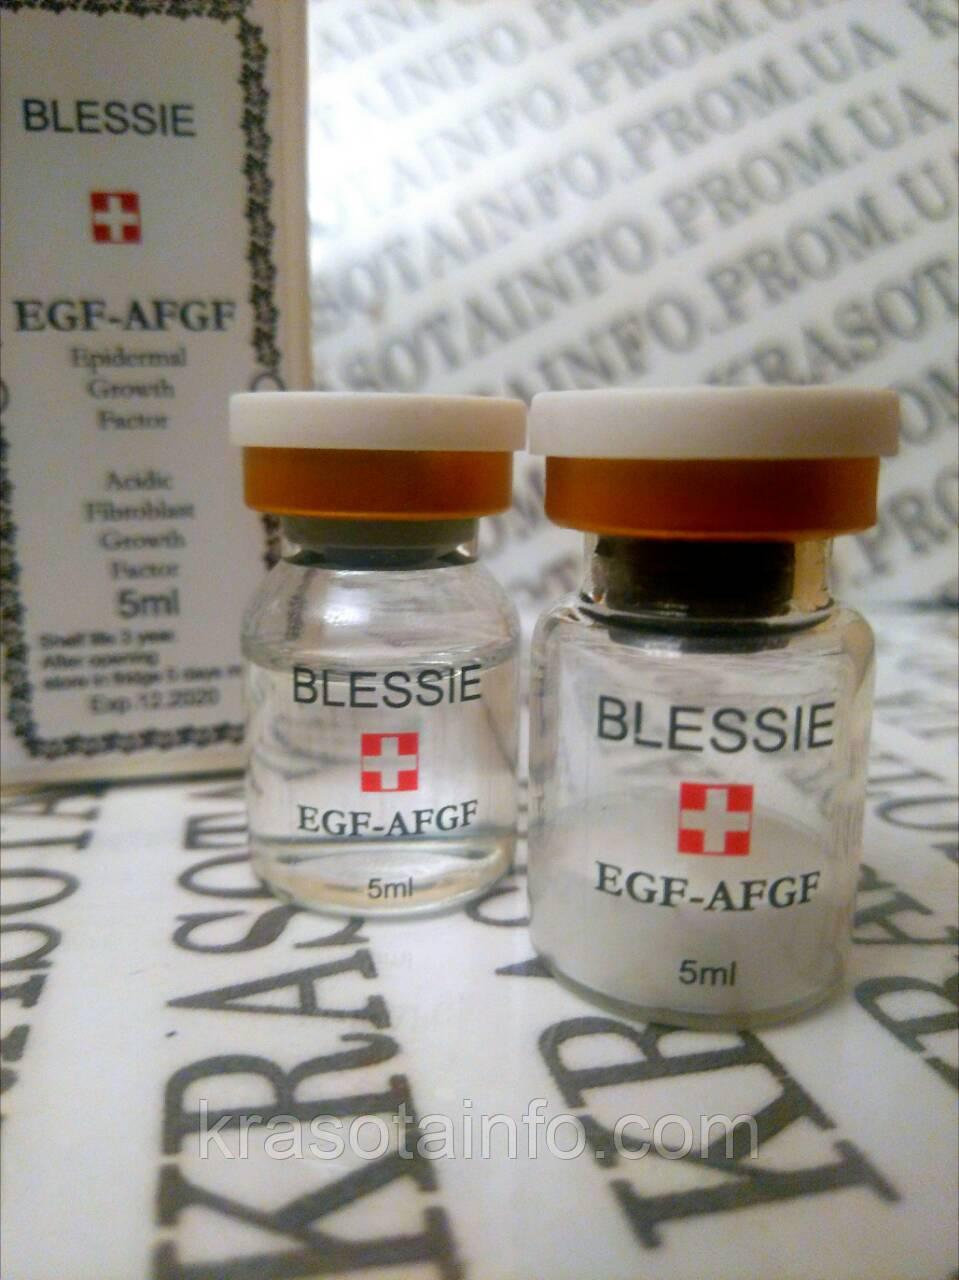 Концентрат для клеточного восстановления кожи EGF&AFGF, для мезороллера, дермаштампа, Blessie